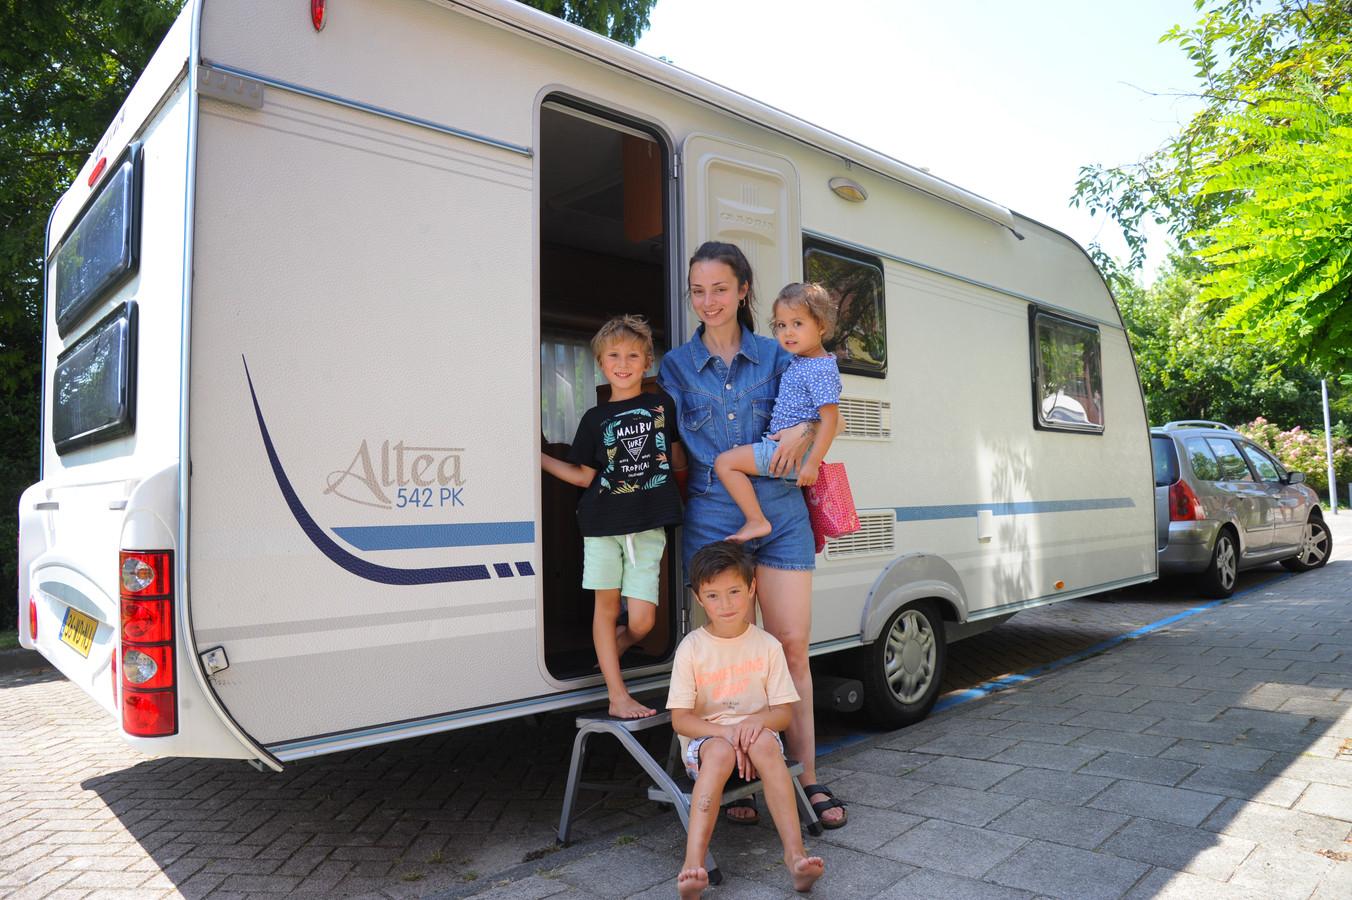 Justine Maljaars uit Middelburg en haar kinderen Manue (6), Sejara (5) en Niara (2) vertrekken vrijdagmiddag voor een weekje vakantie op camping In den Bongerd in Oostkapelle. Vader Kaimohai sluit 's avonds aan.